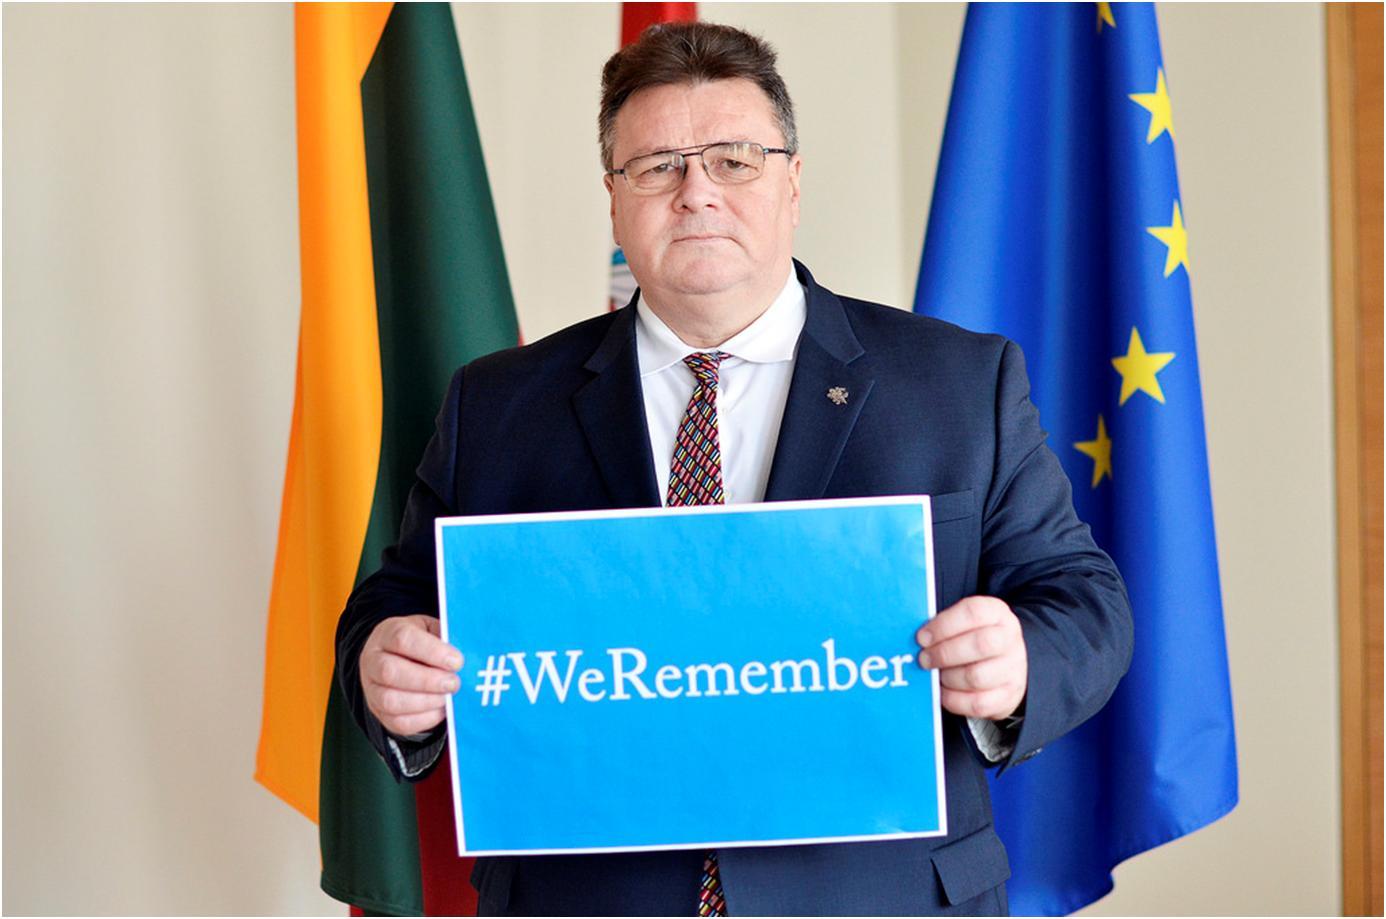 Užsienio reikalų ministras Linas Linkevičius prisiminė Aušvicą, tačiau užmiršo Kaniukus | URM nuotr.